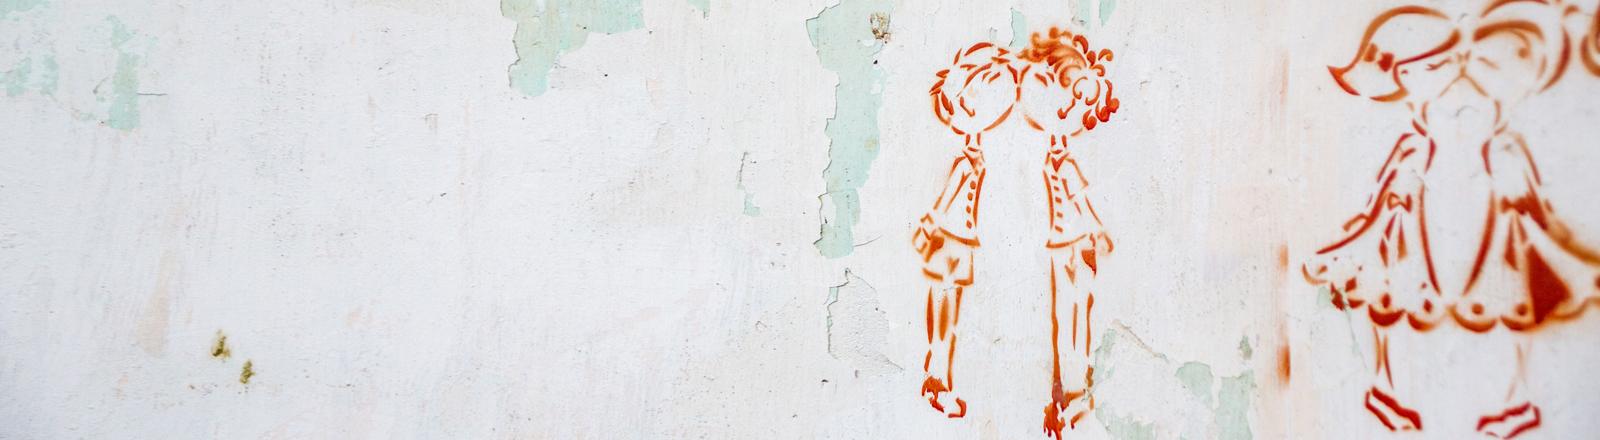 Kindheit - gemalte Kinder auf einer Wand.